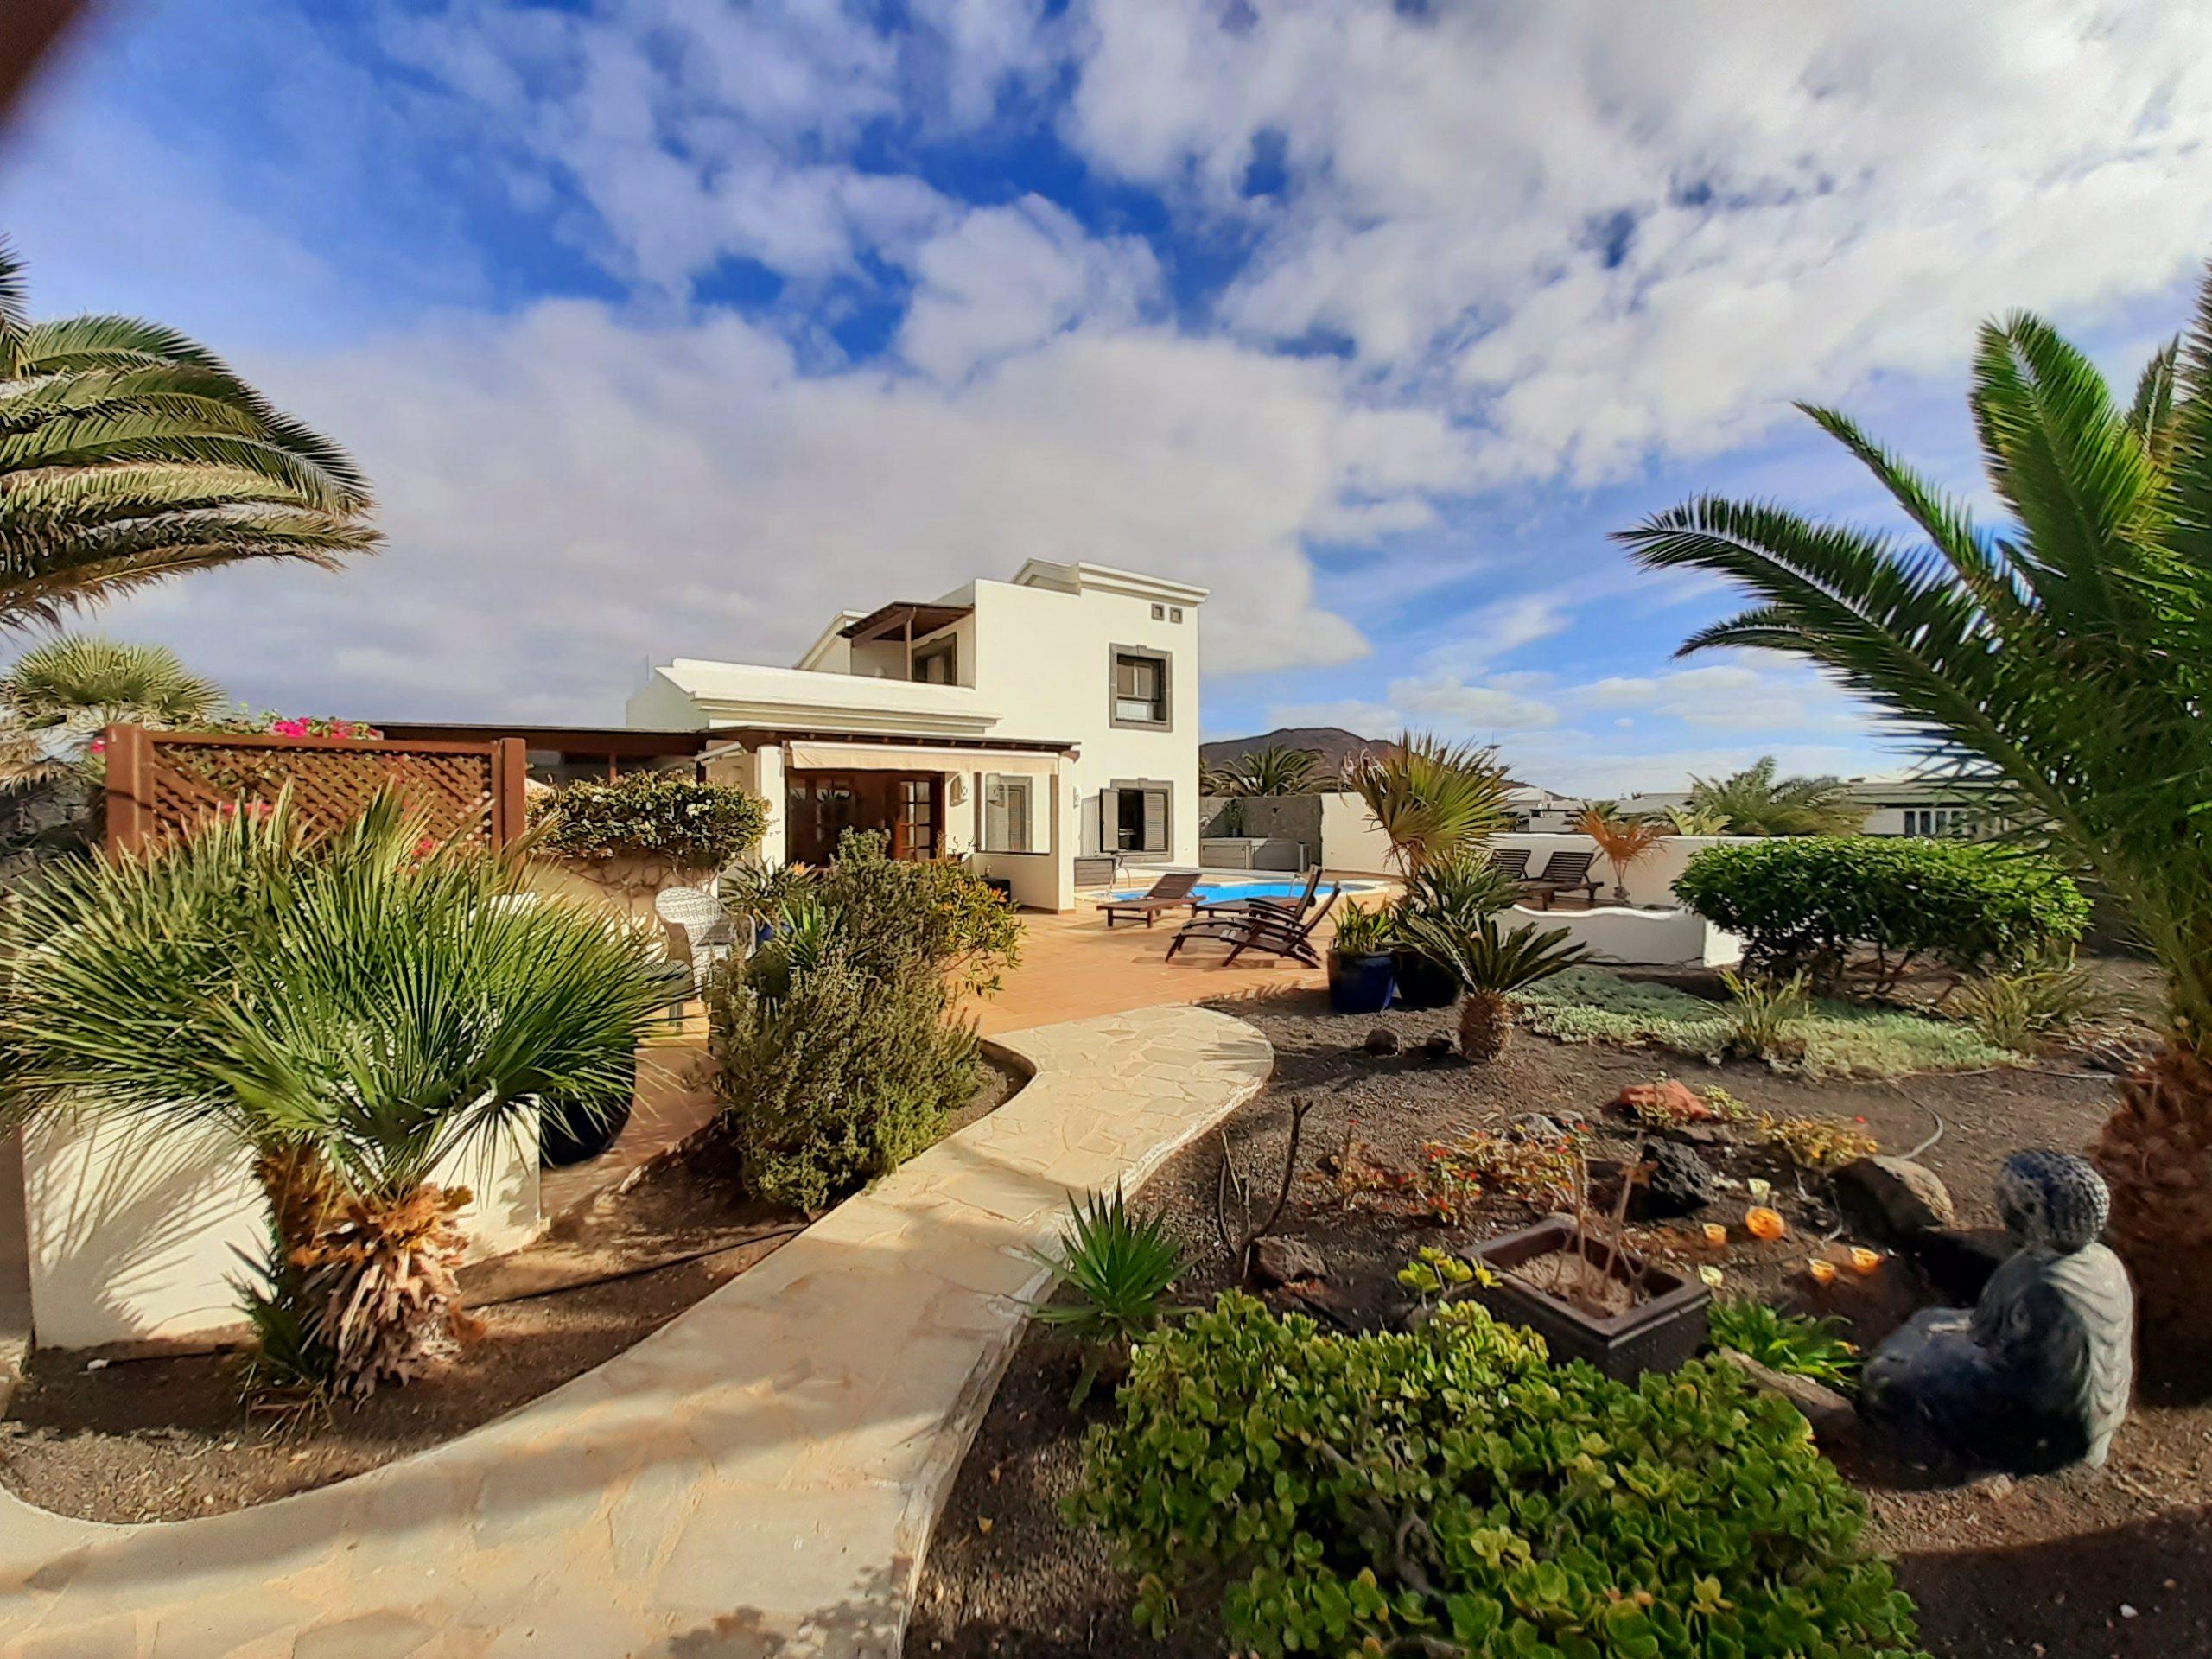 LVC197470 Villa And Garden Area